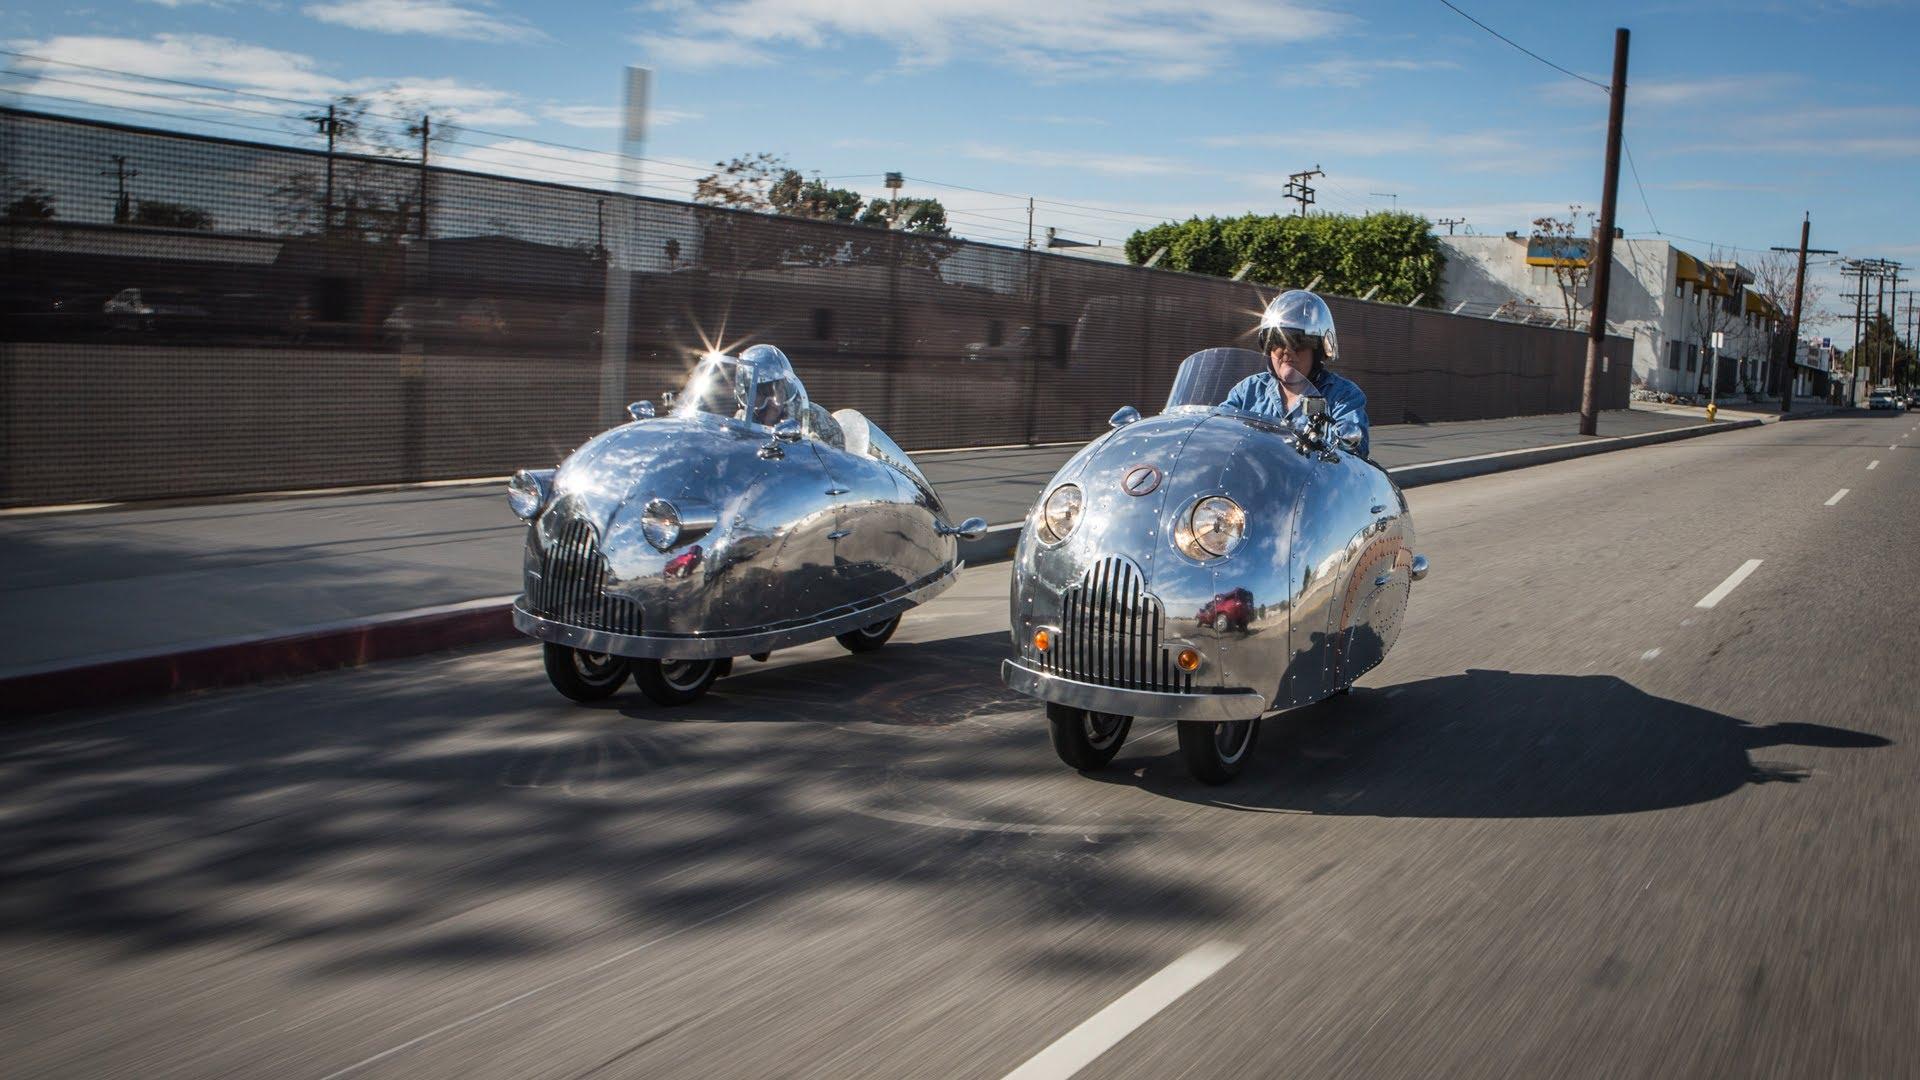 Des scooters Piaggio Mp3 au look inimitable